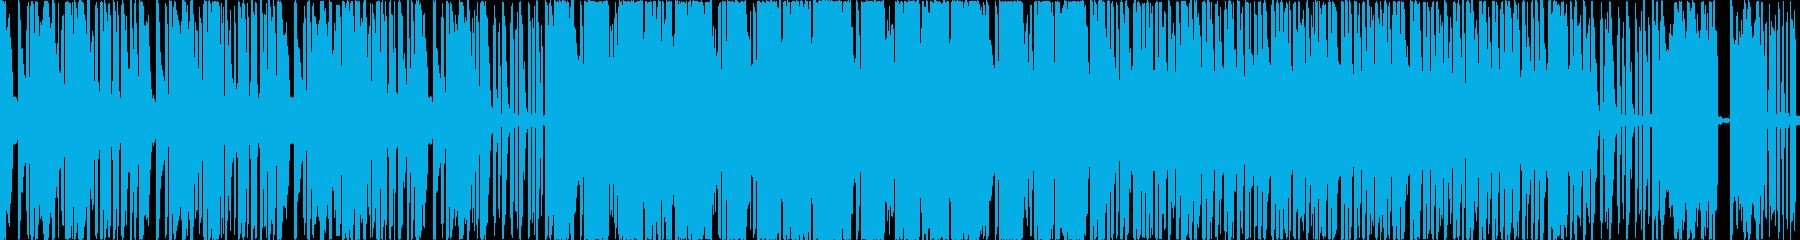 スクラッチが激しいヒップホップの再生済みの波形